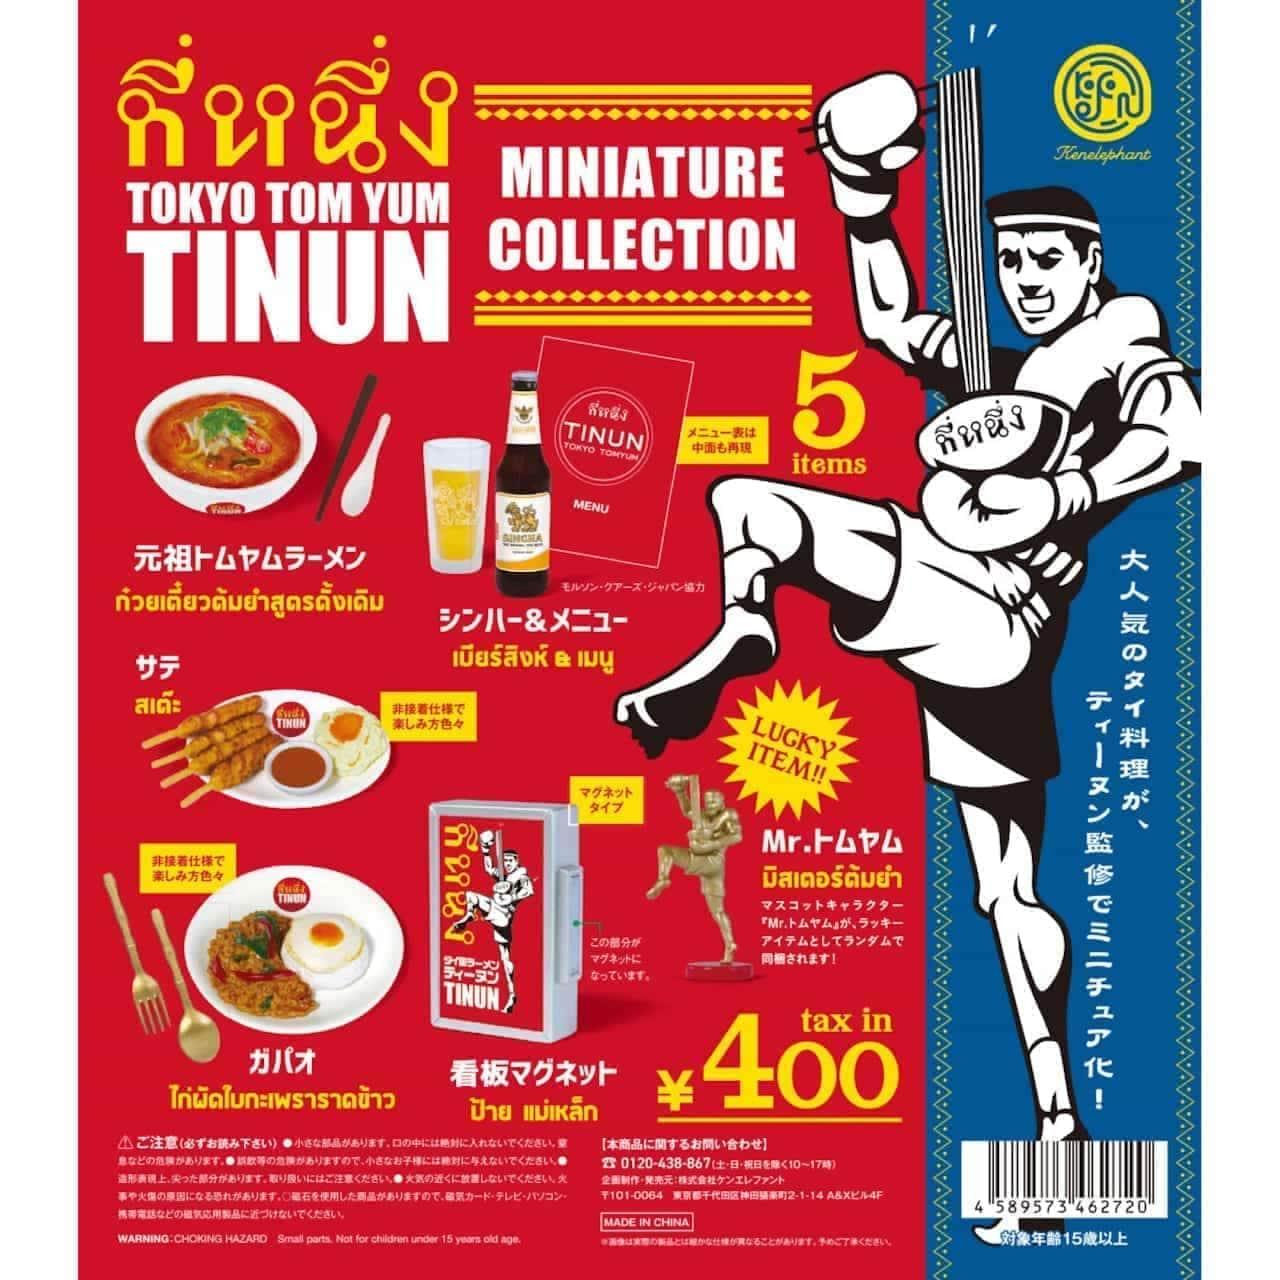 ティーヌンファン注目「TOKYO TOM YUM TINUN ミニチュアコレクション」